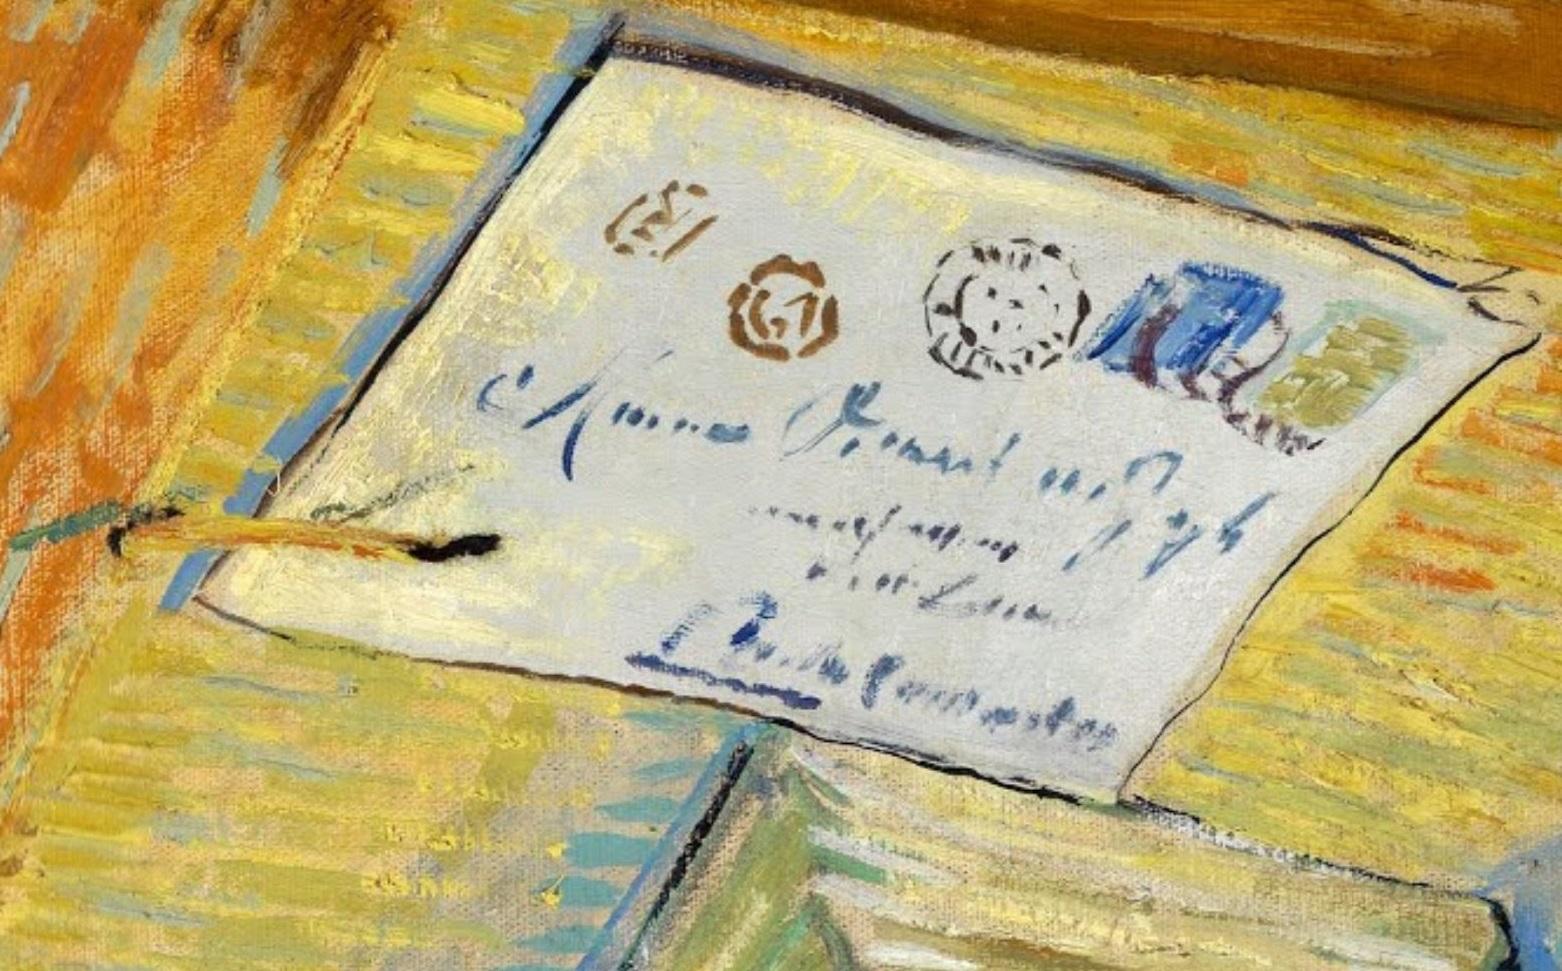 Van Gogh 1889 janvier Nature morte avec planche a dessin et oignons musee Kroller-Muller Otterlo (F 604) detail